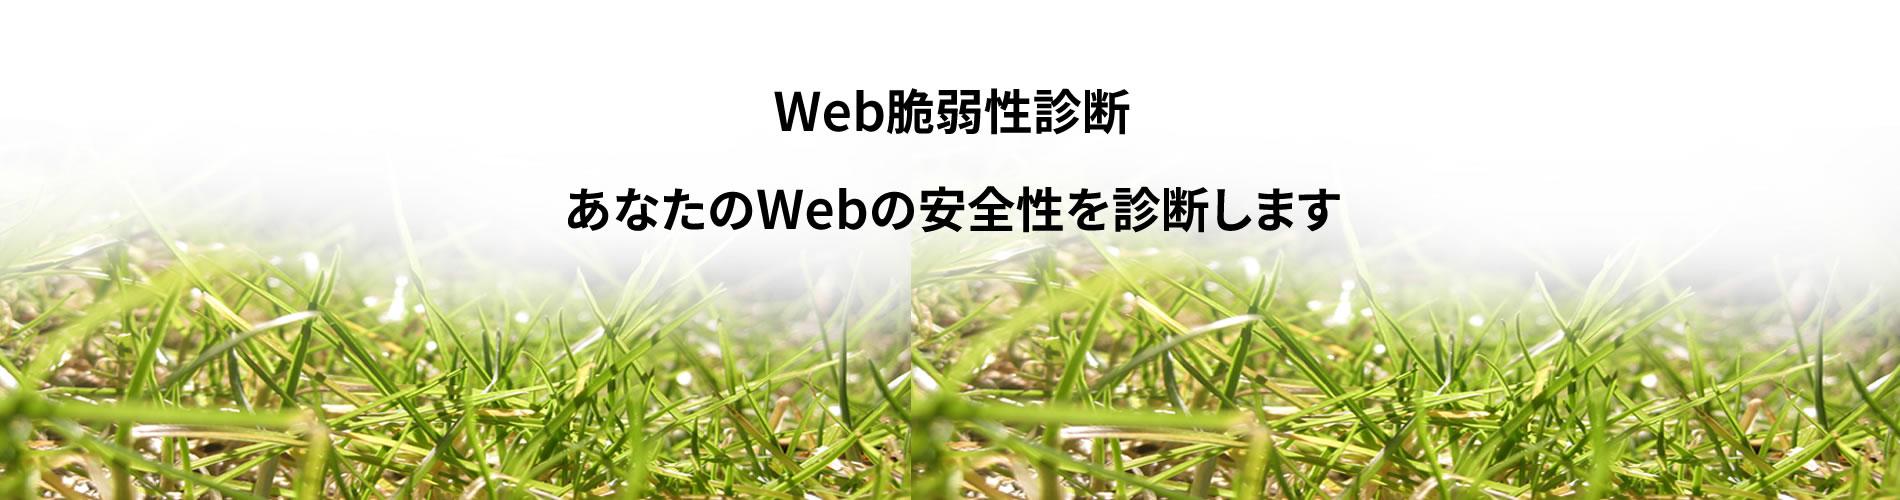 あなたのWebの安全性を診断します